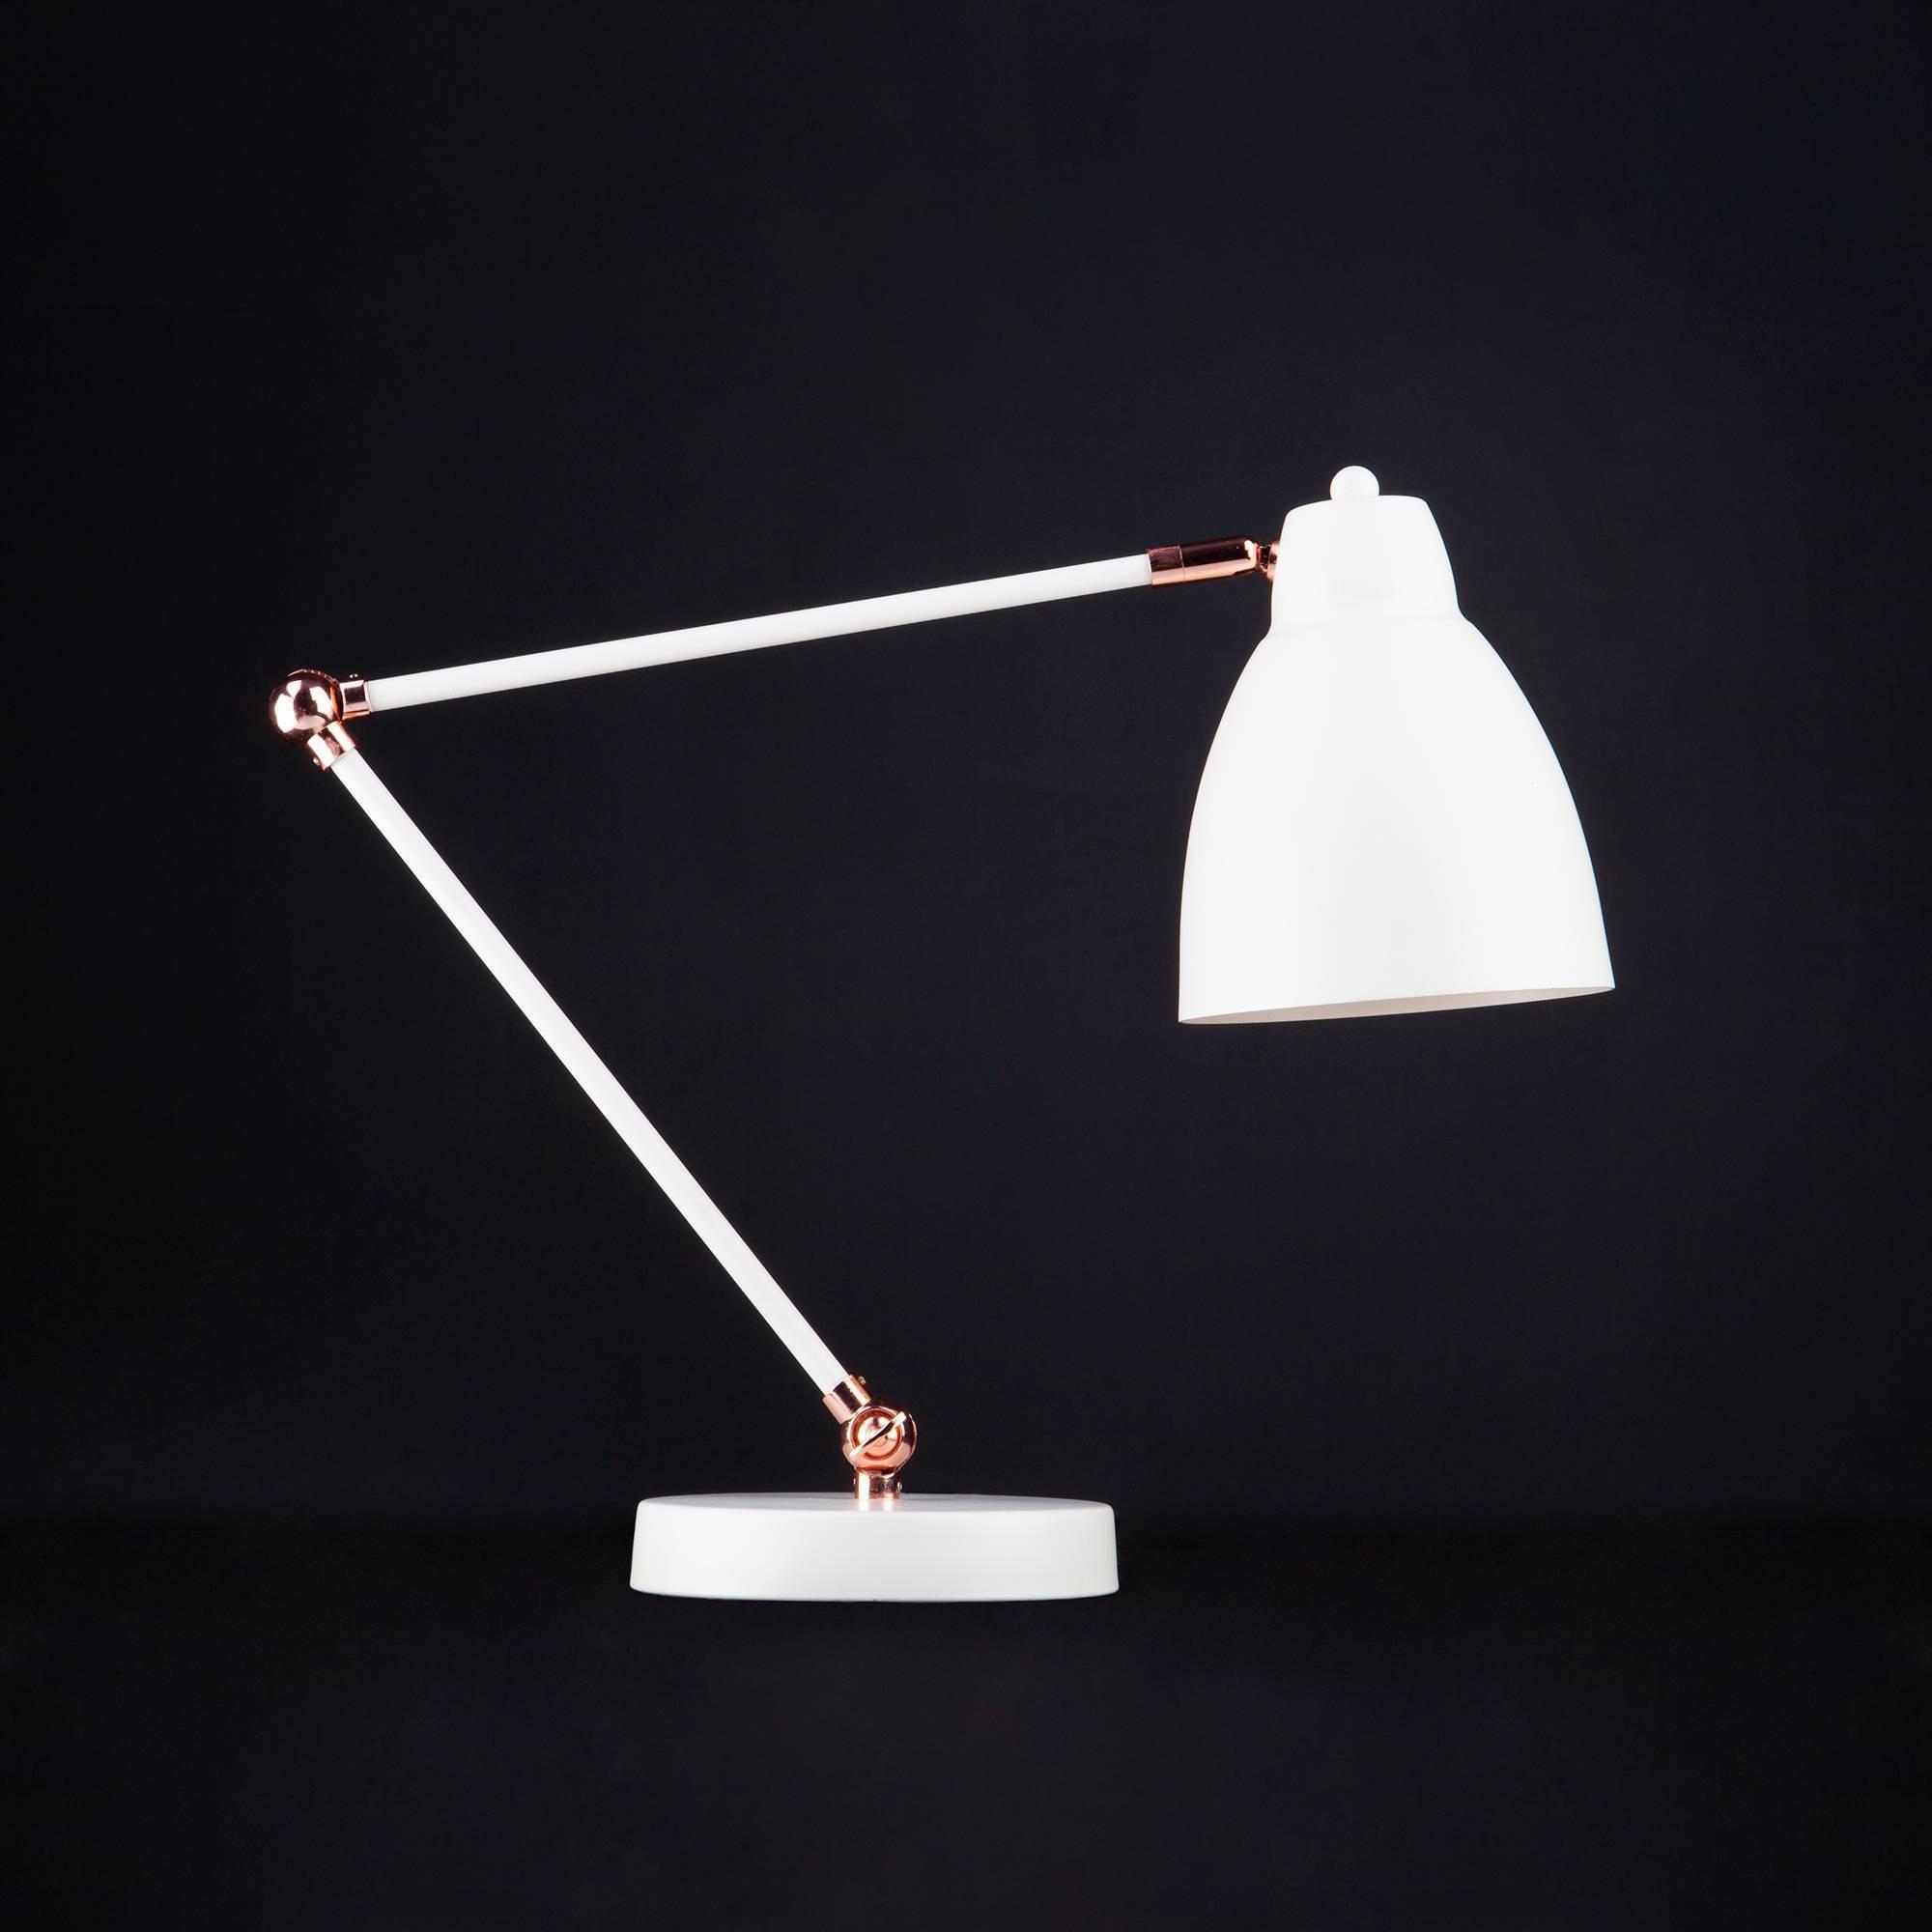 Настольная лампа для школьника - советы и рекомендации при выборе